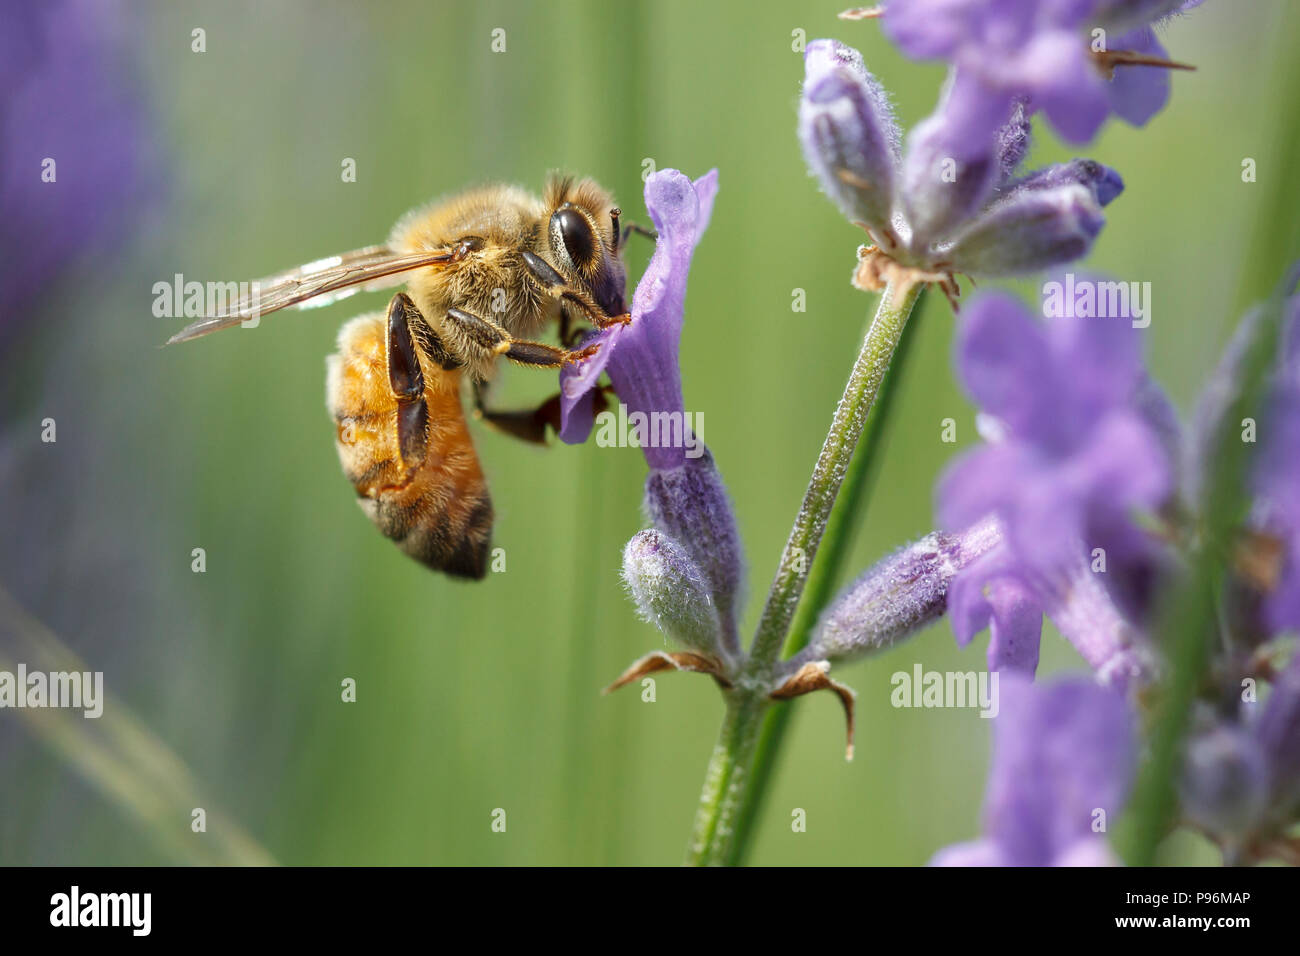 Eine Nahaufnahme einer Honigbiene, Apis, auf einem Lavendel Pflanze, Lavandula spica. Stockbild